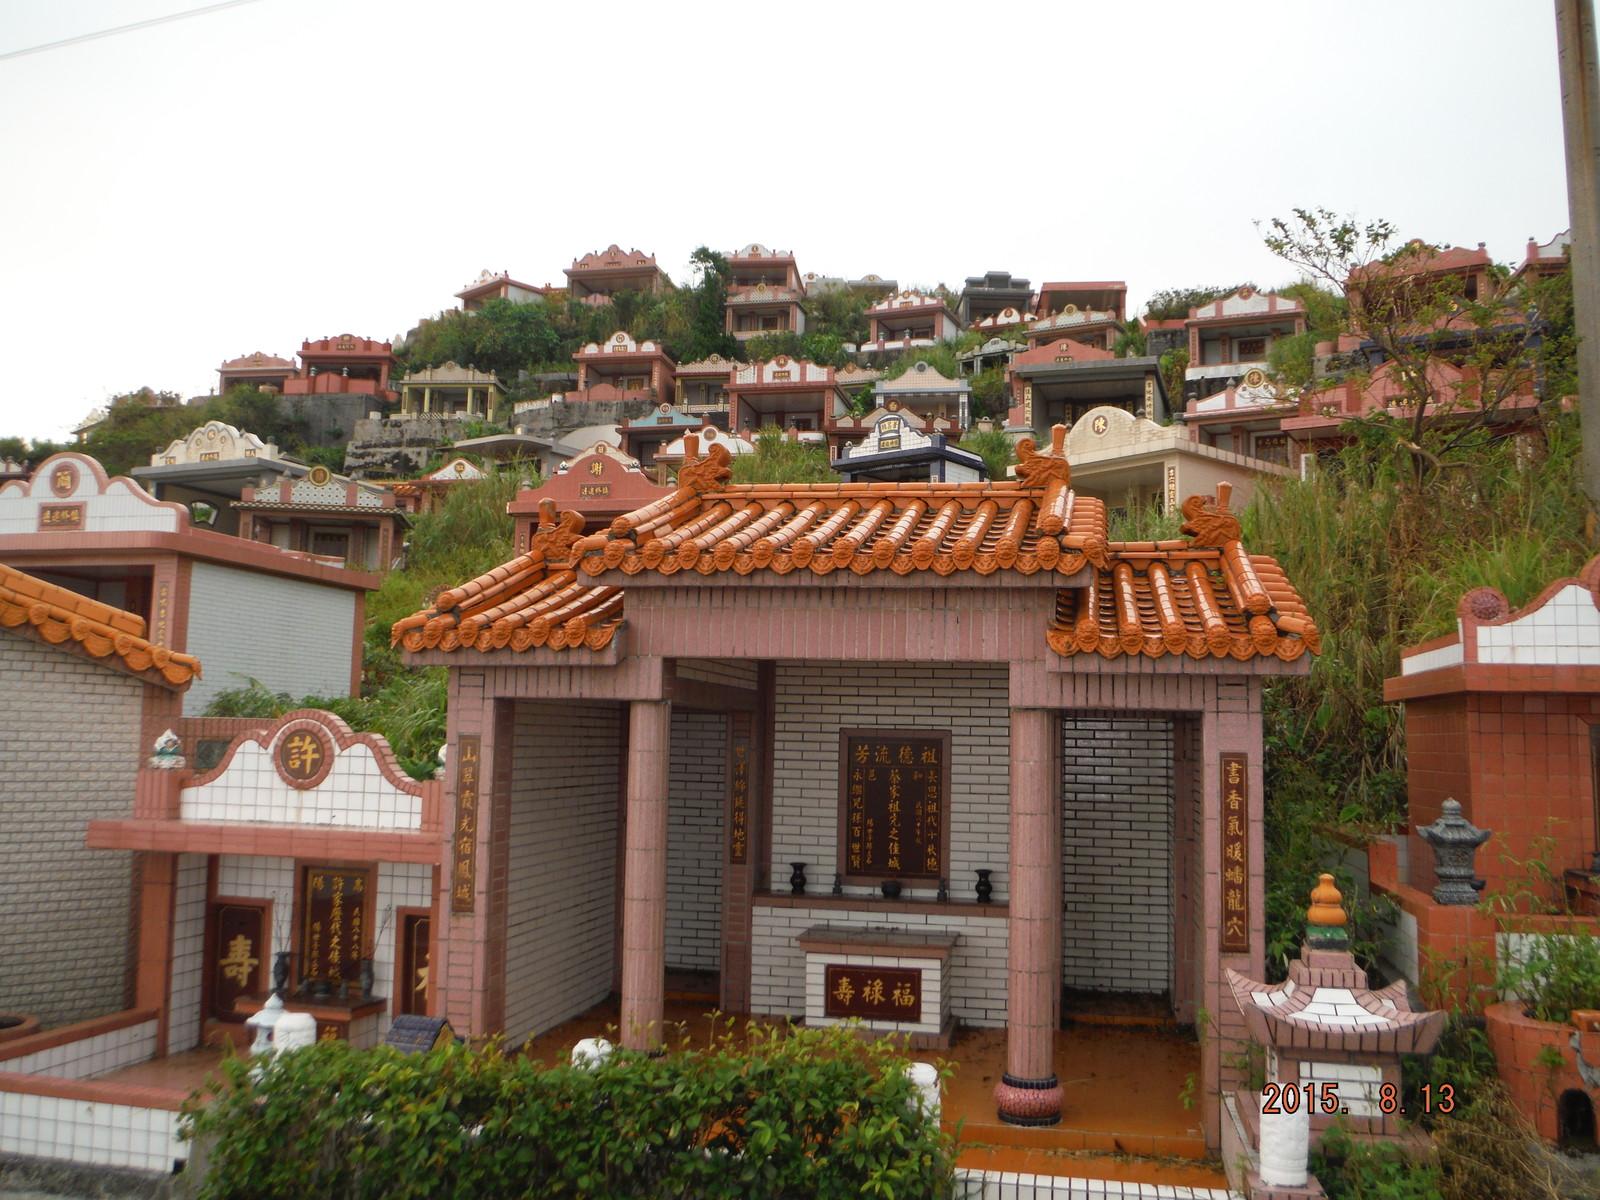 toyotaboxyのblog : 臺灣のお墓も沖縄のものに似ていた